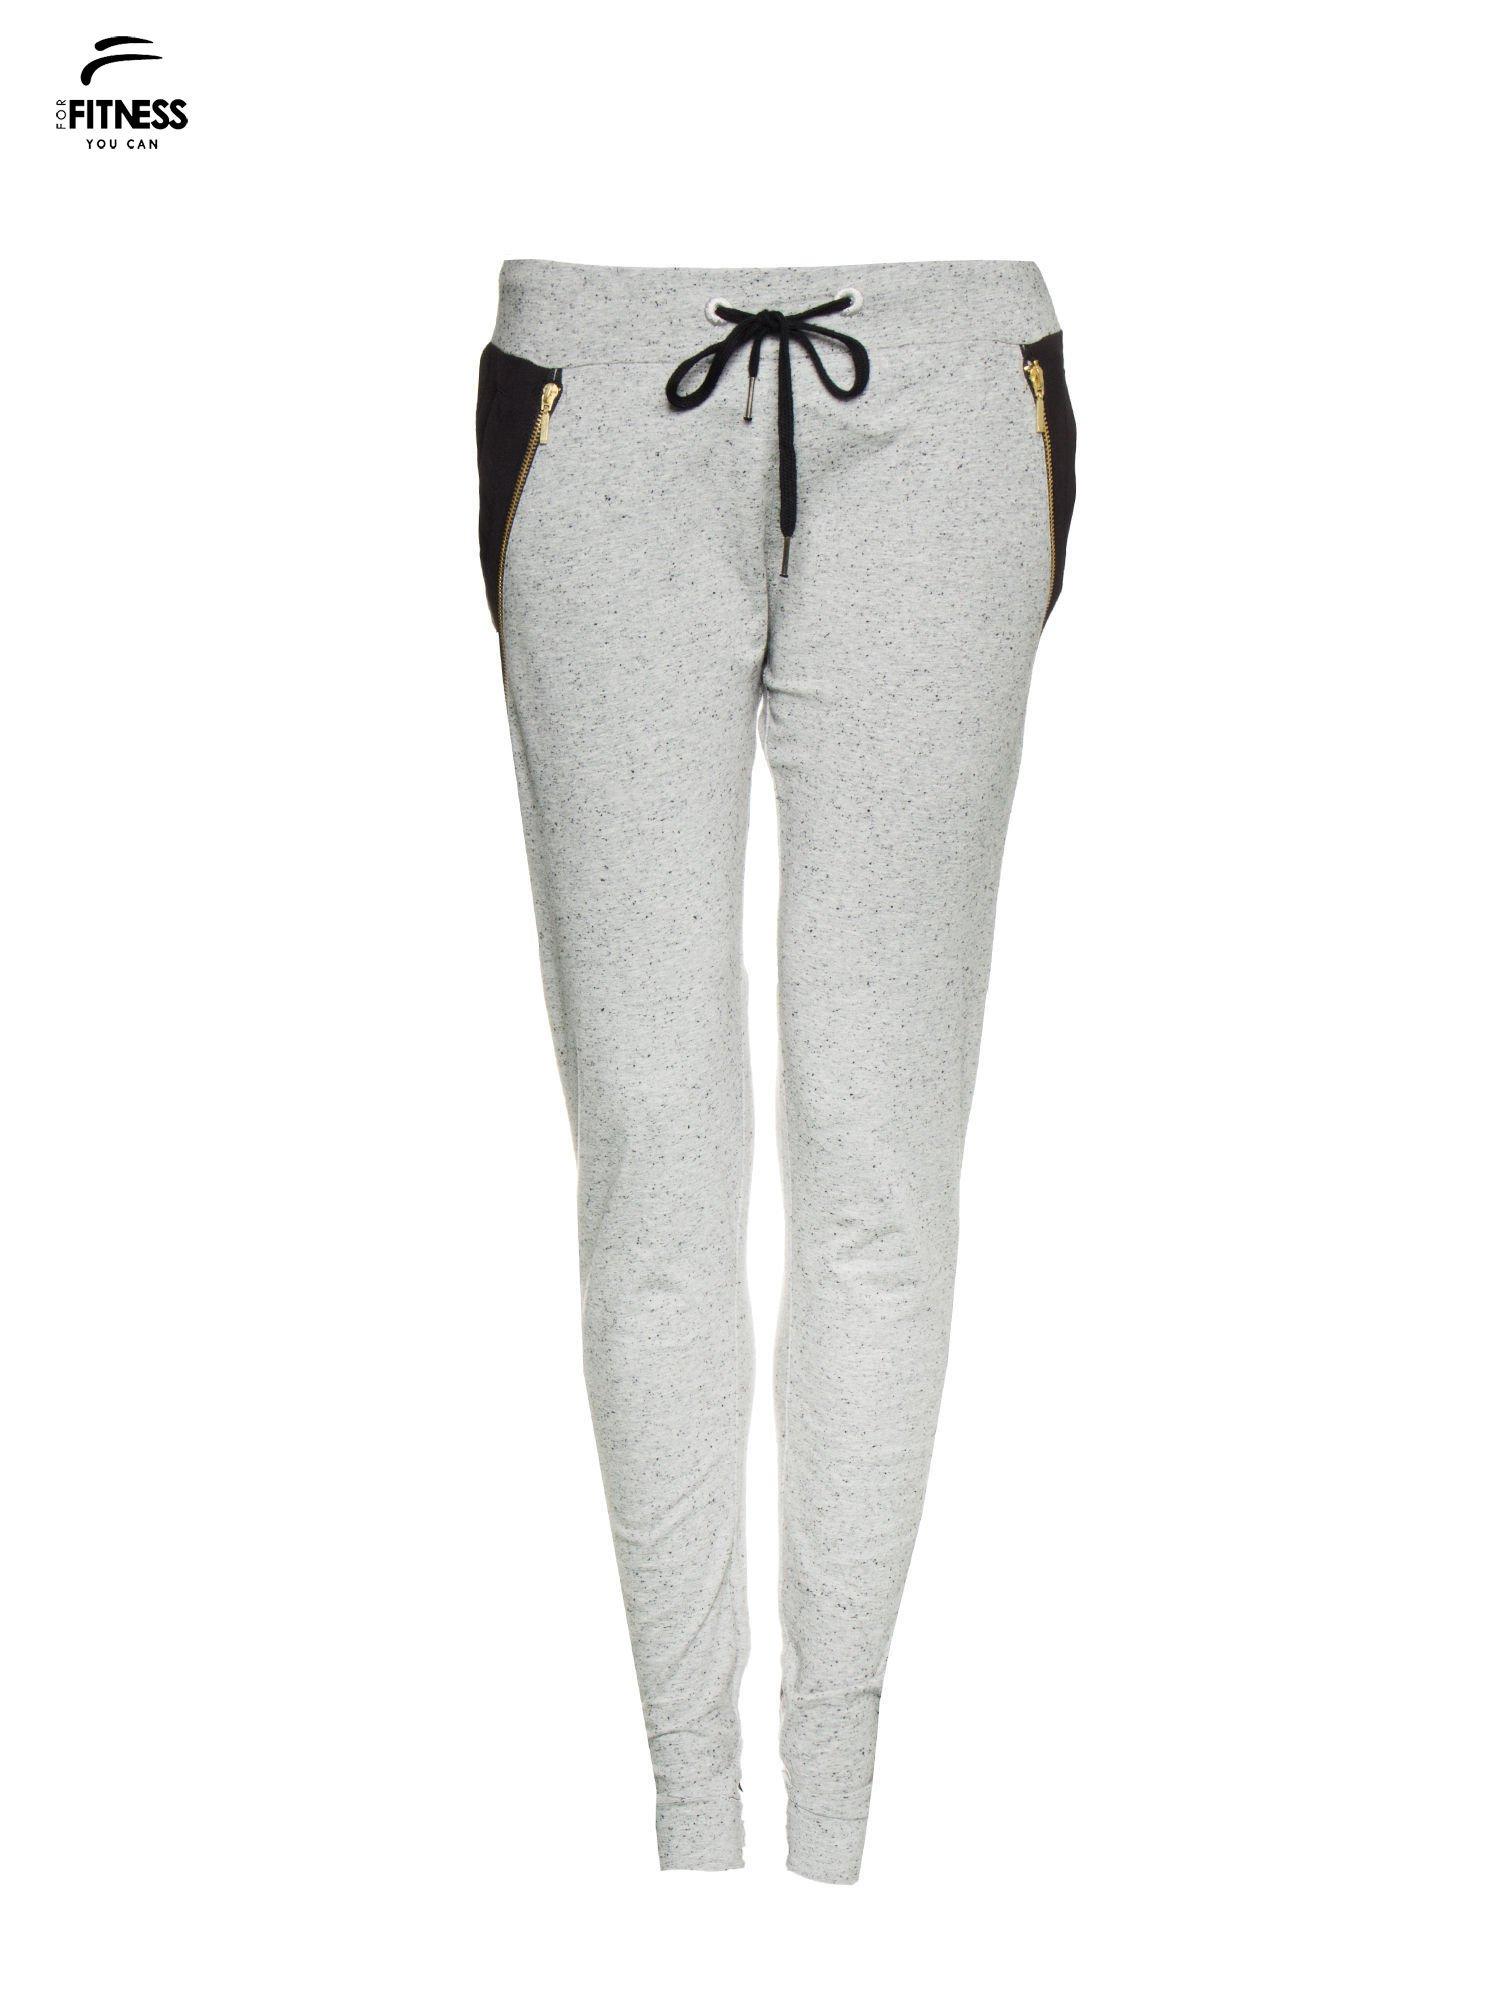 Szare spodnie dresowe damskie z suwakiem i kontrastowymi wstawkami po bokach                                  zdj.                                  5